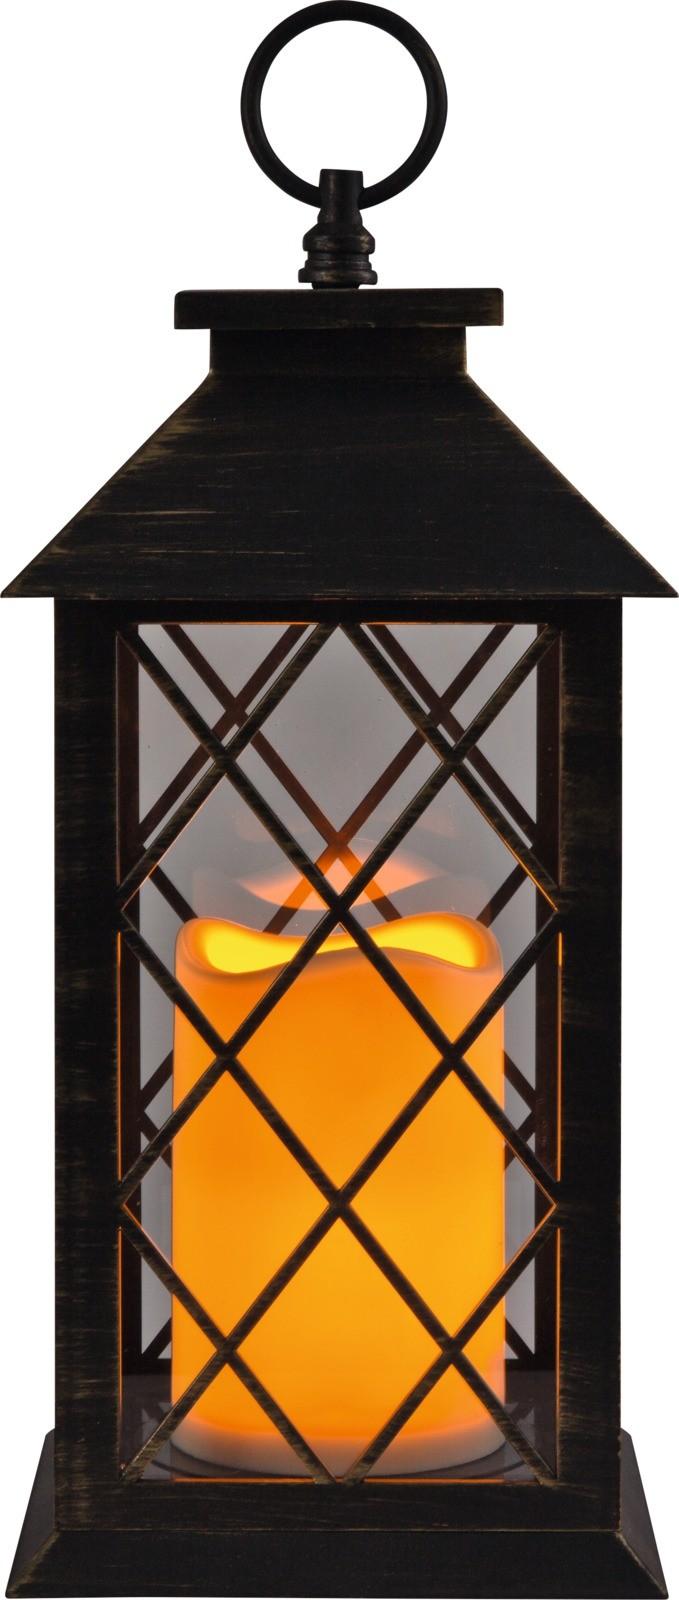 led laterne mit flackerlicht in warmweiss batteriebetrieb. Black Bedroom Furniture Sets. Home Design Ideas